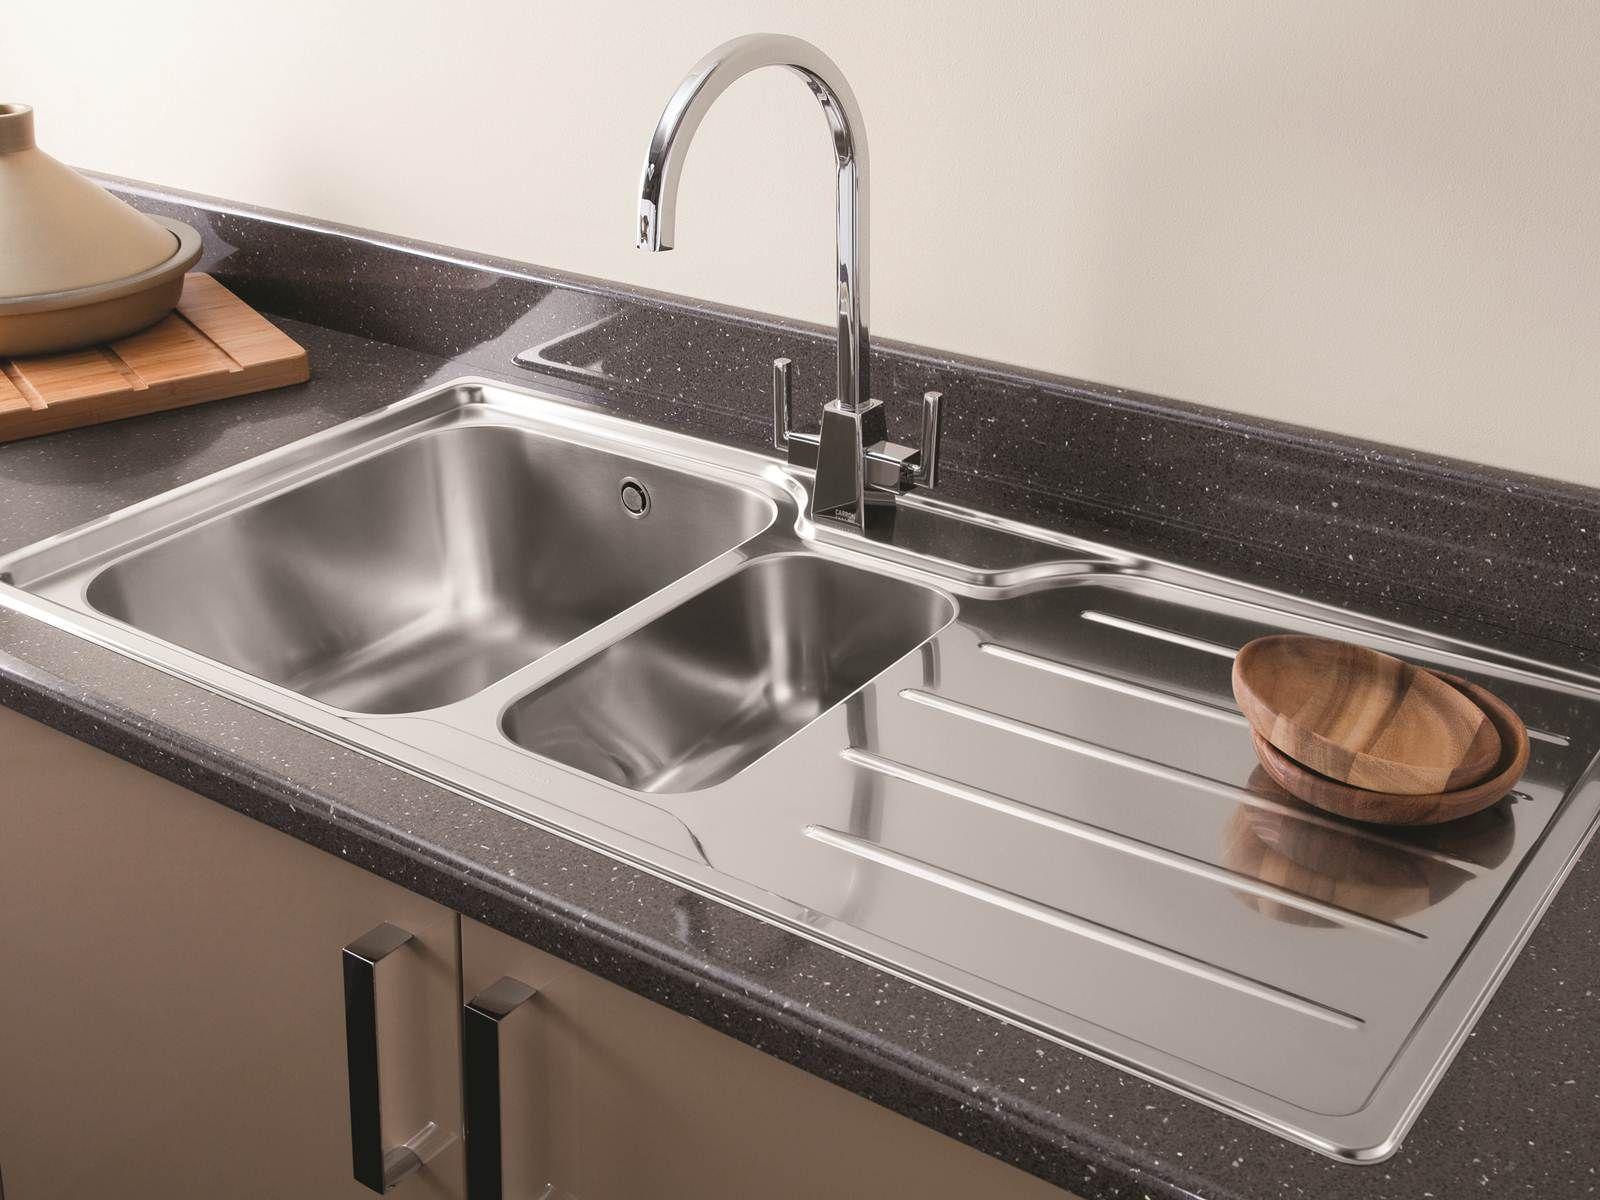 Besten Edelstahl Küche Waschbecken Ideen Spülbecken